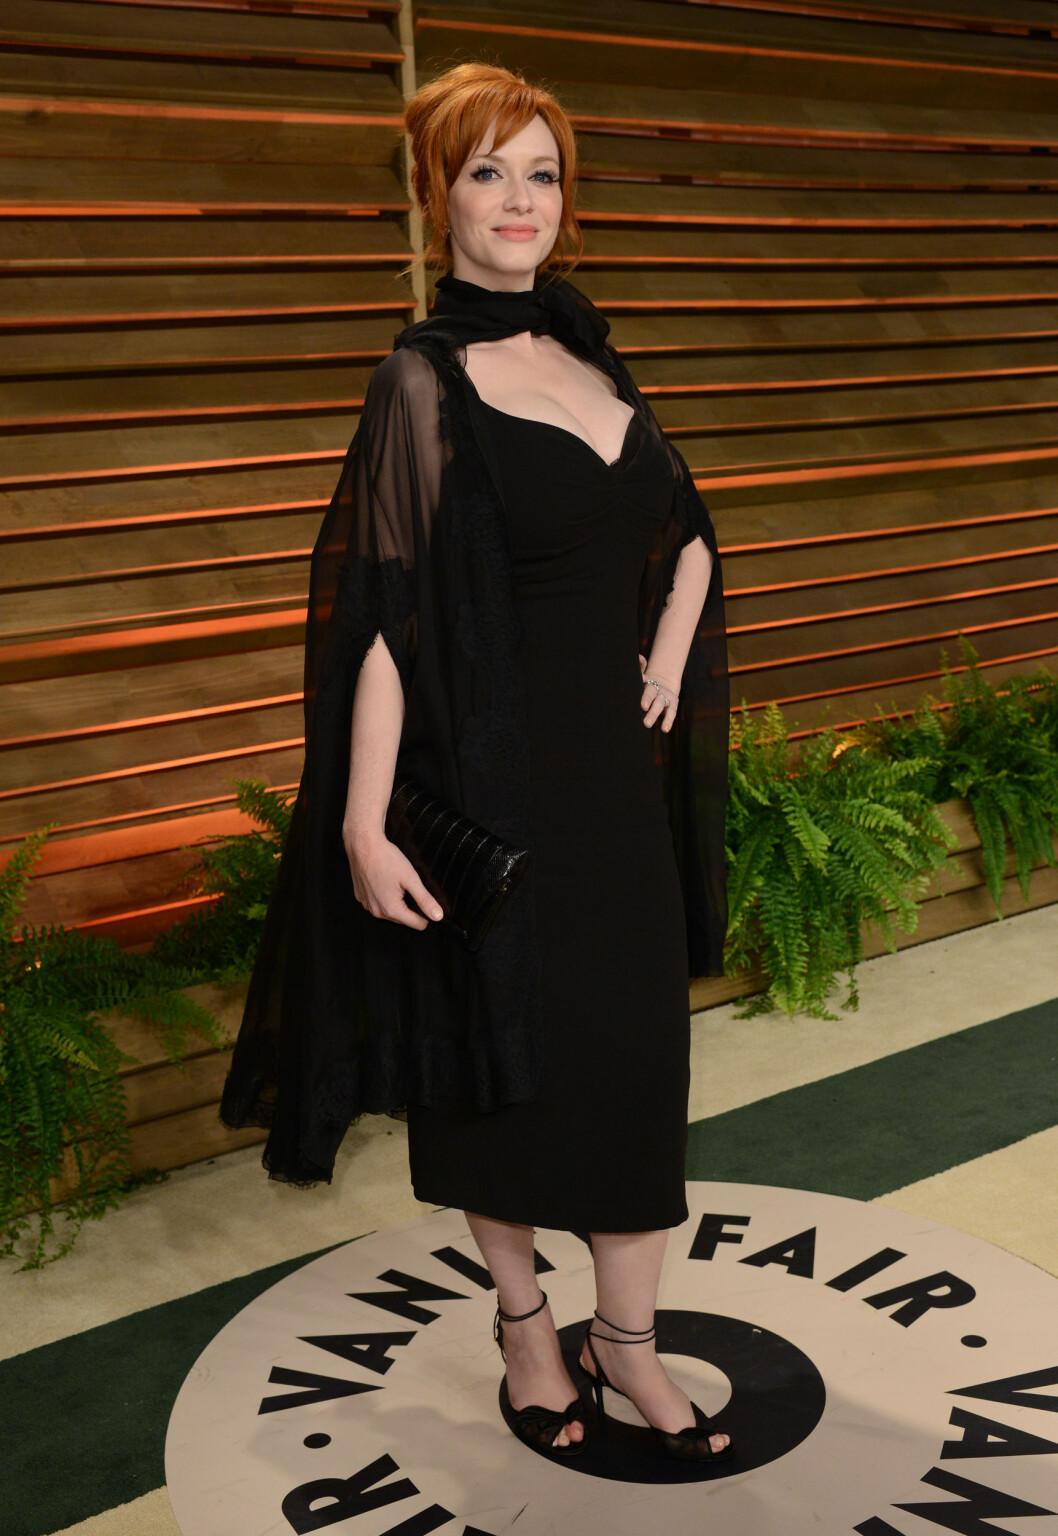 <strong>TEKKELIG:</strong> «Mad Men»-skjønnheten Christina Hendricks var kanskje hakket for tildekket på Vanity Fairs Oscar-fest i starten av mai. Den originale, sorte capen gjorde antrekket uformelig, og hun fikk terningkast én av Seoghør.nos lesere.  Foto: FameFlynet